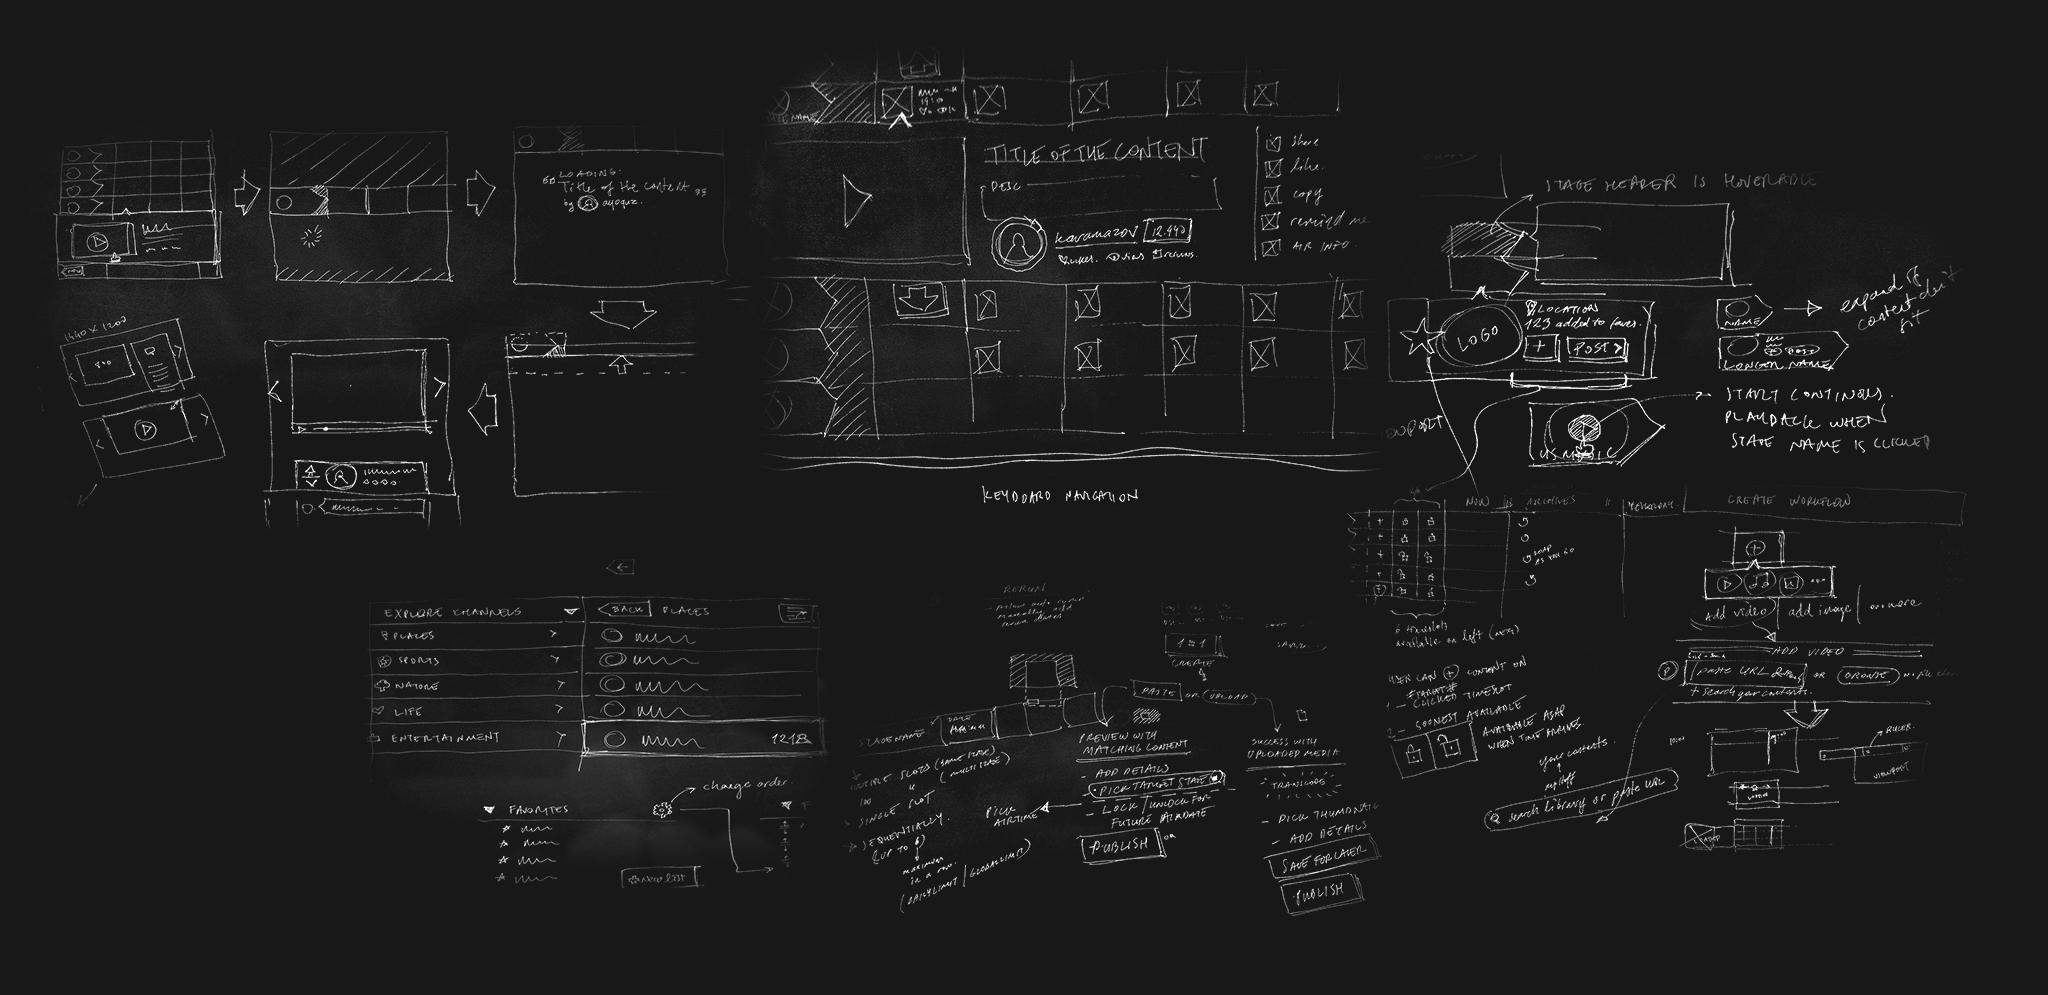 Sketchboard_Black_2.png